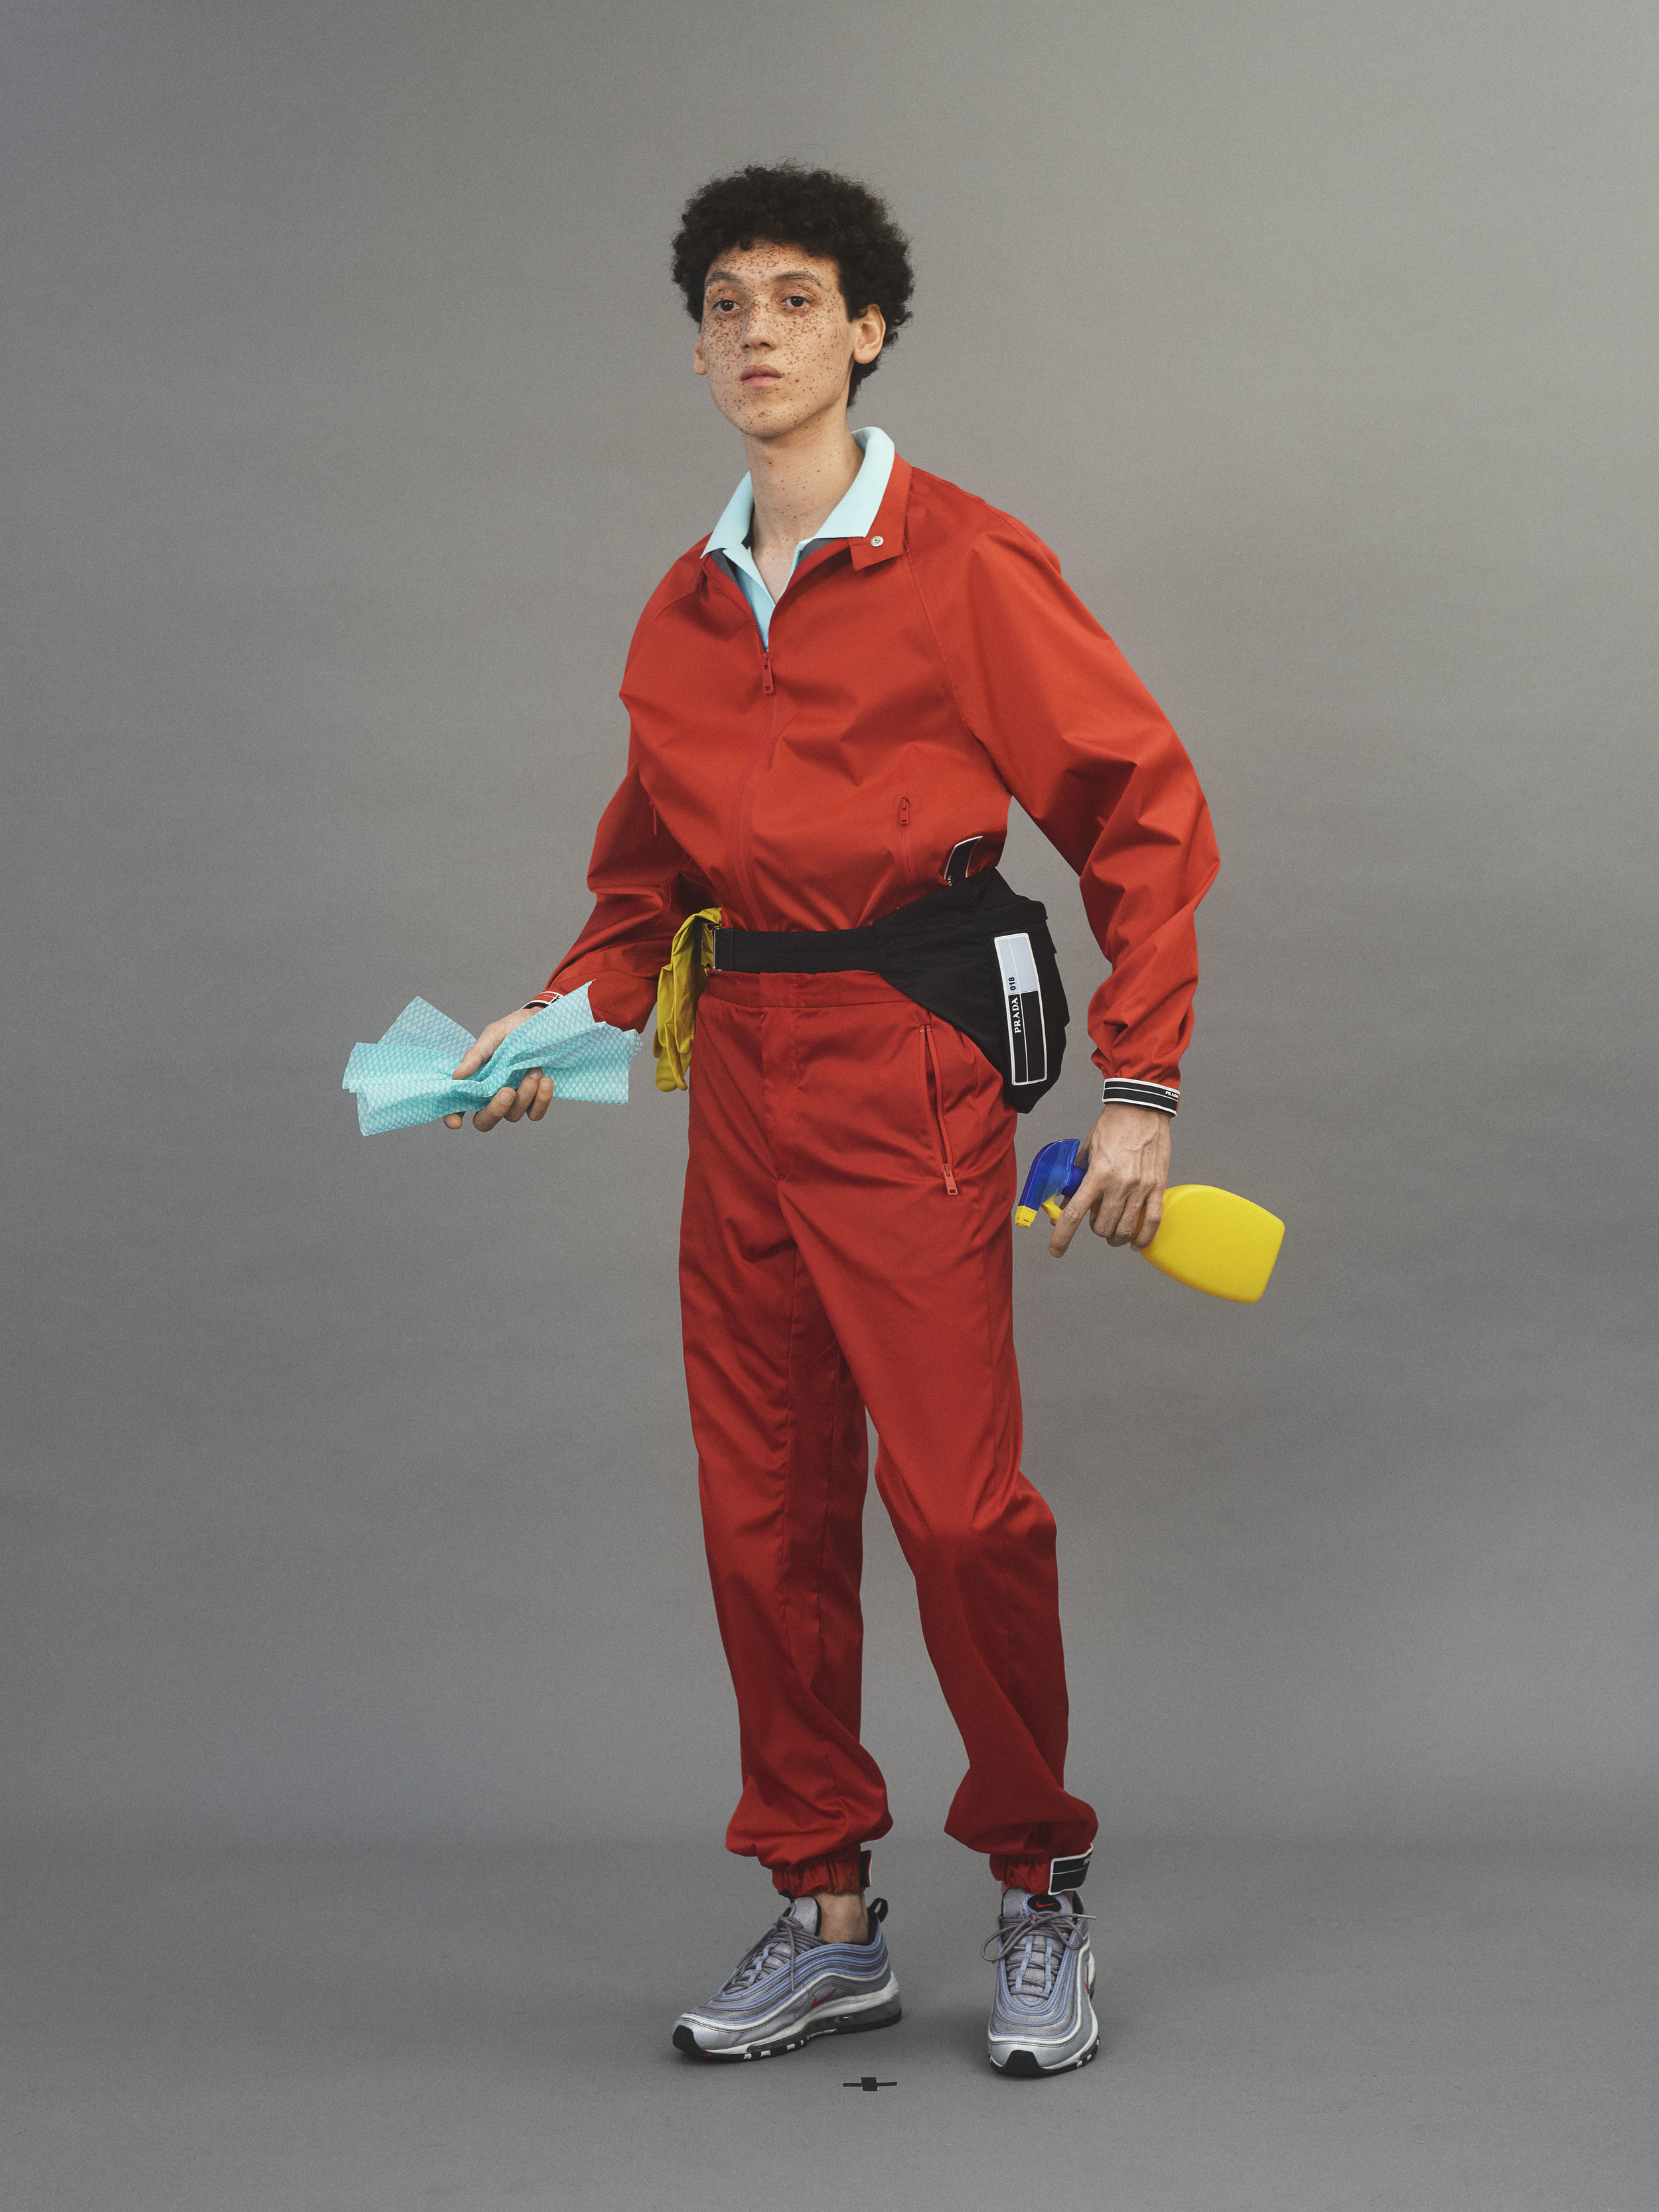 Chándal y canguro de  PRADA , camisa de  VILEBREQUIN y zapatillas deportivas de  NIKE .